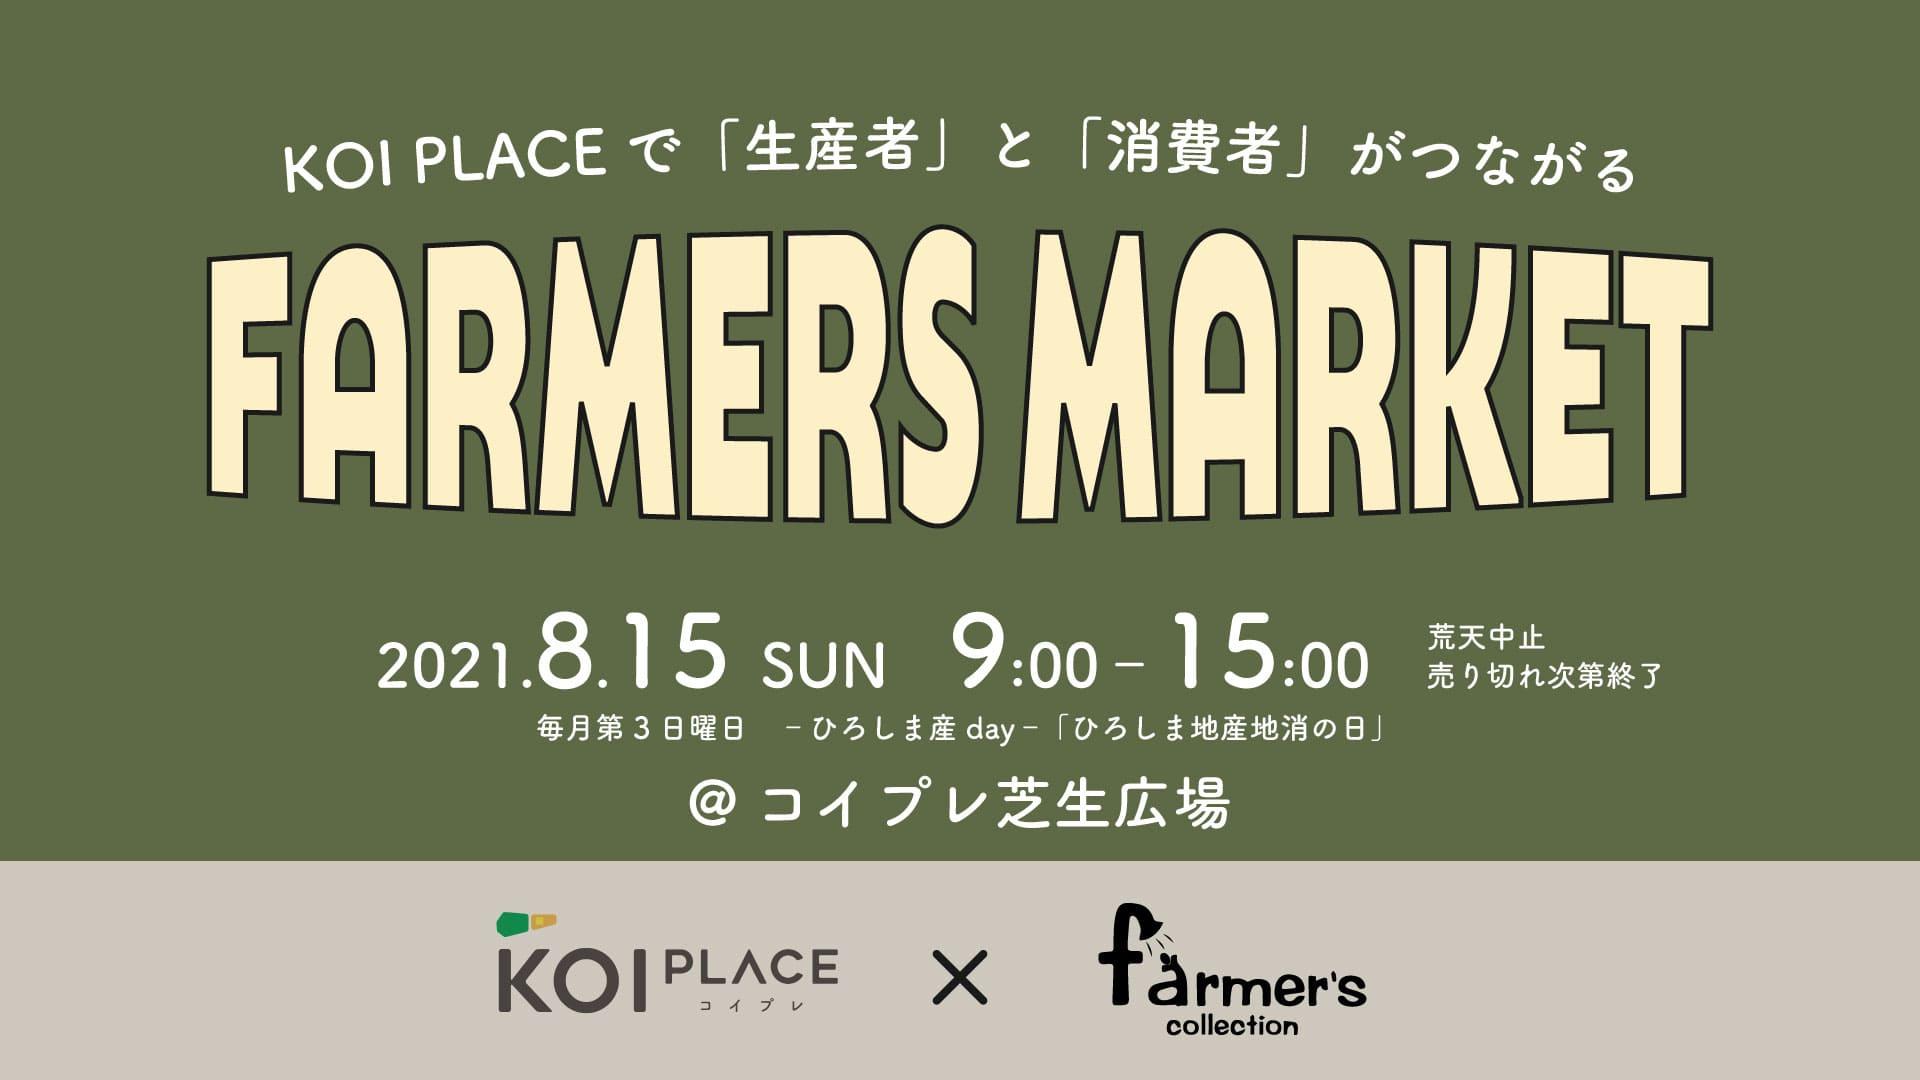 ファーマーズマーケット2(Famer's market 2)